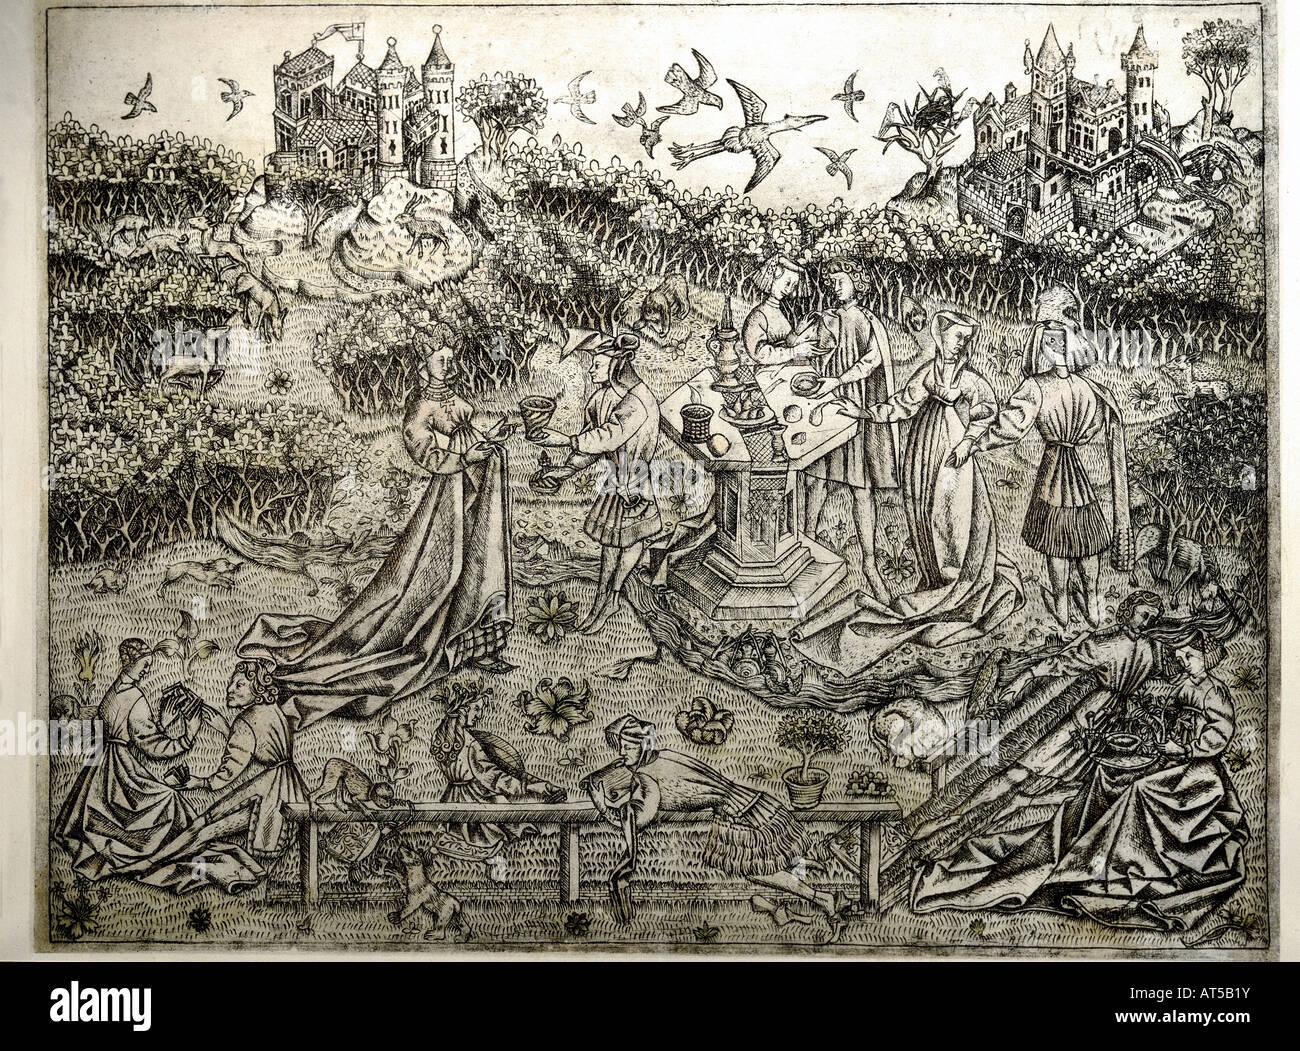 Belle arti, Medioevo, medievale, incisione su rame, 'Der grosse Liebesgarten' (il grande giardino dell'amore), Immagini Stock